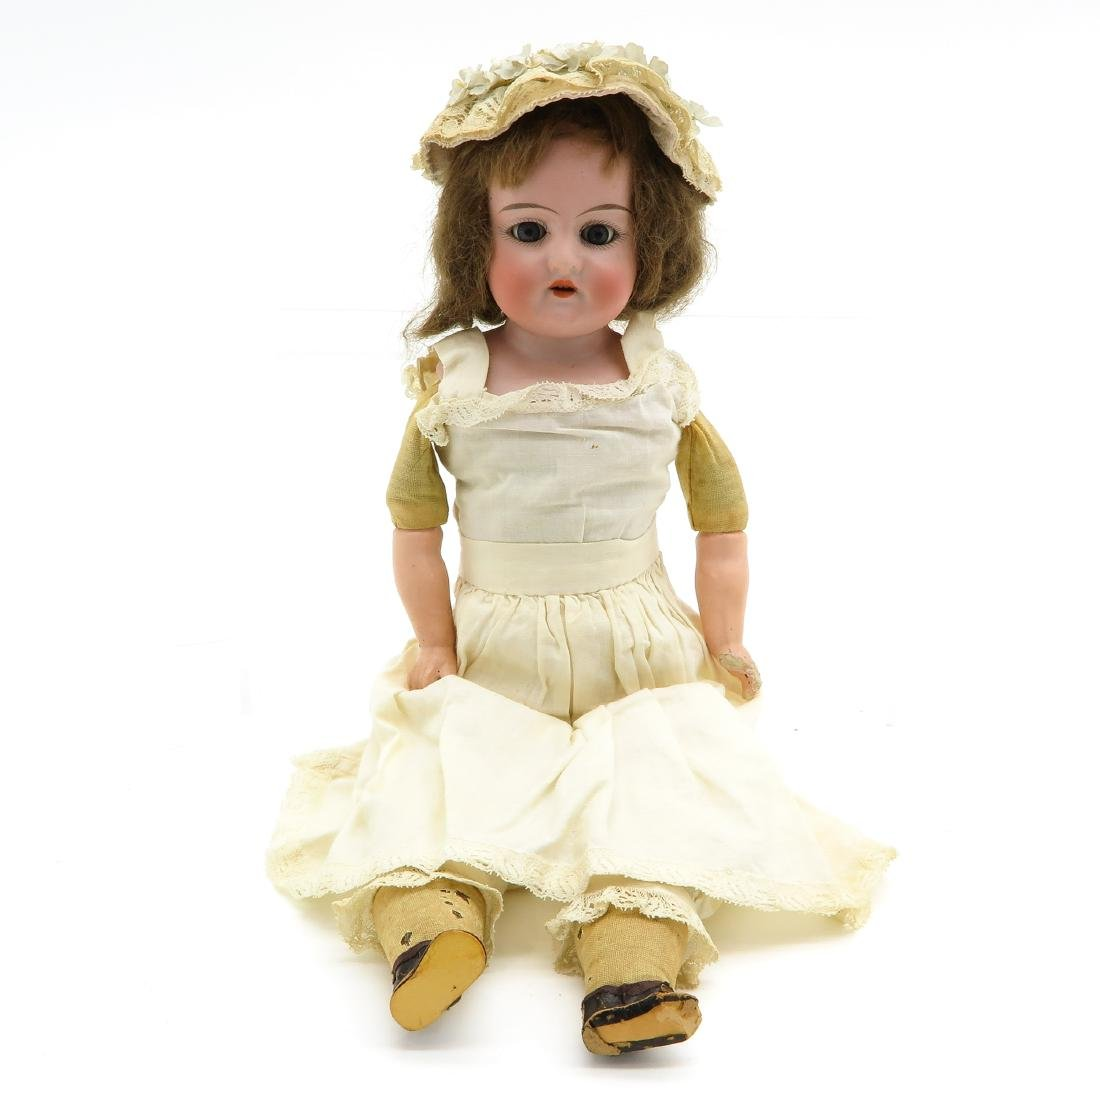 An Antique Armand Marseilles Doll